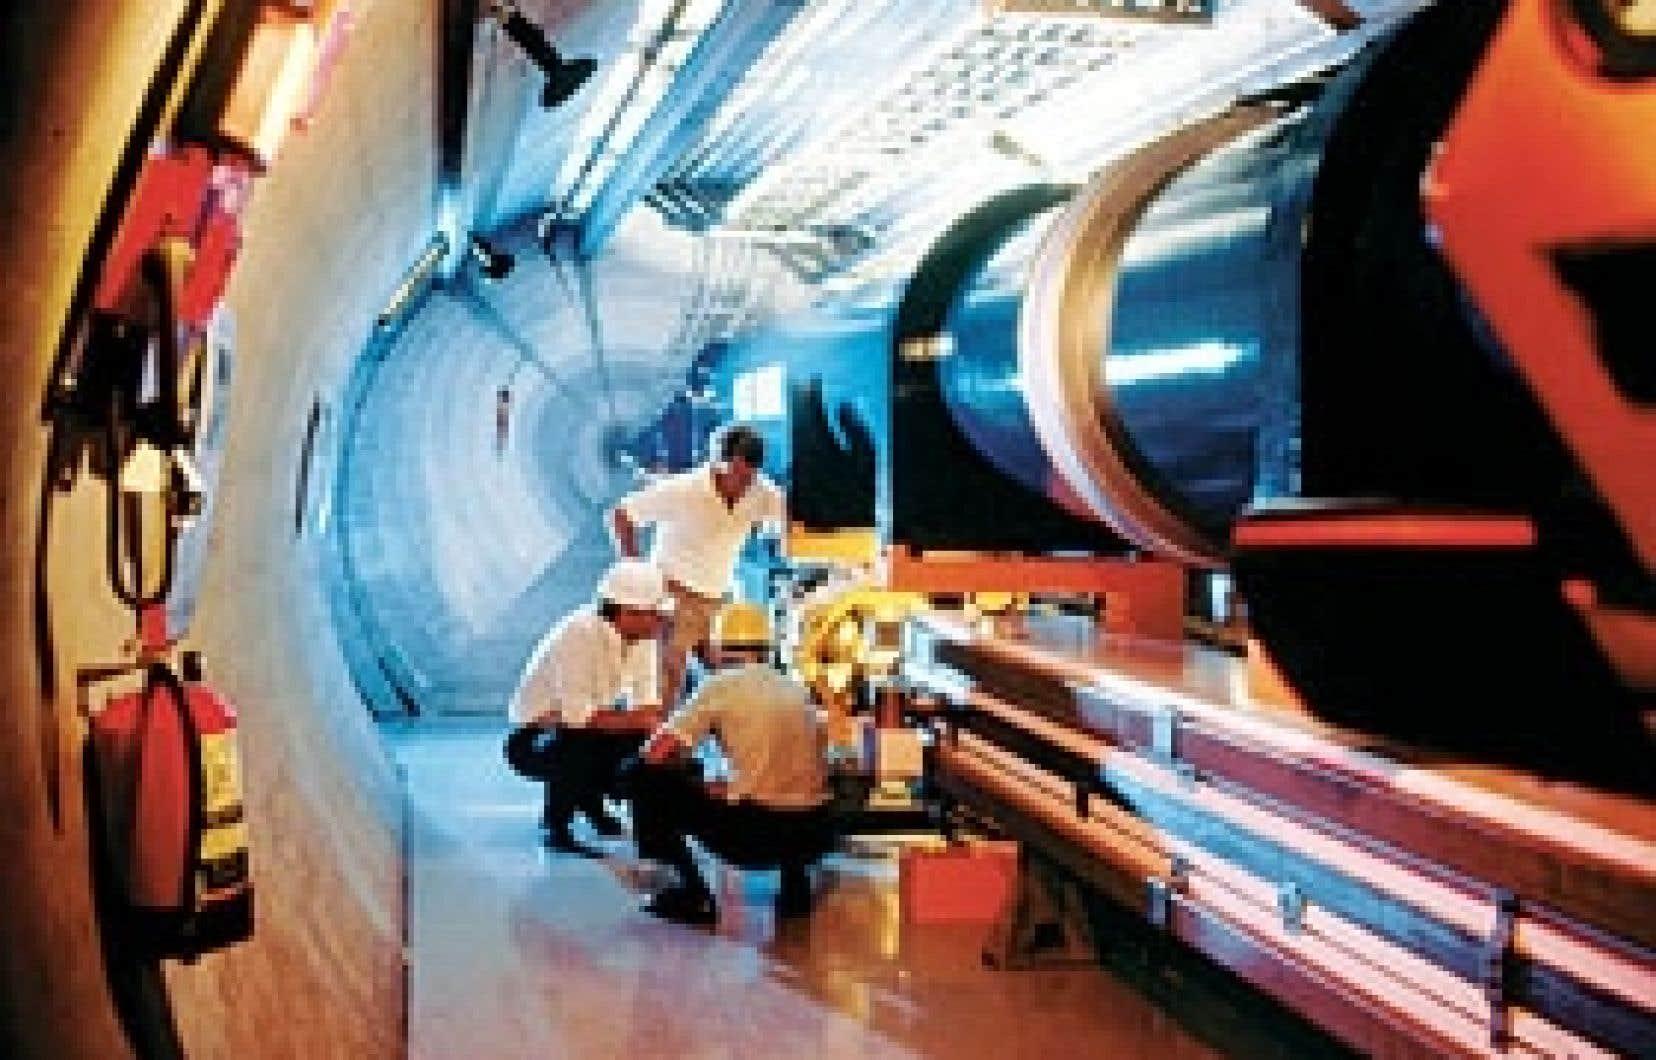 Logé dans un tunnel en forme d'anneau d'une circonférence de 27 kilomètres, le plus puissant accélérateur de particules subatomiques du monde est constitué d'un tuyau au sein duquel on accélérera deux faisceaux de protons dans des direction